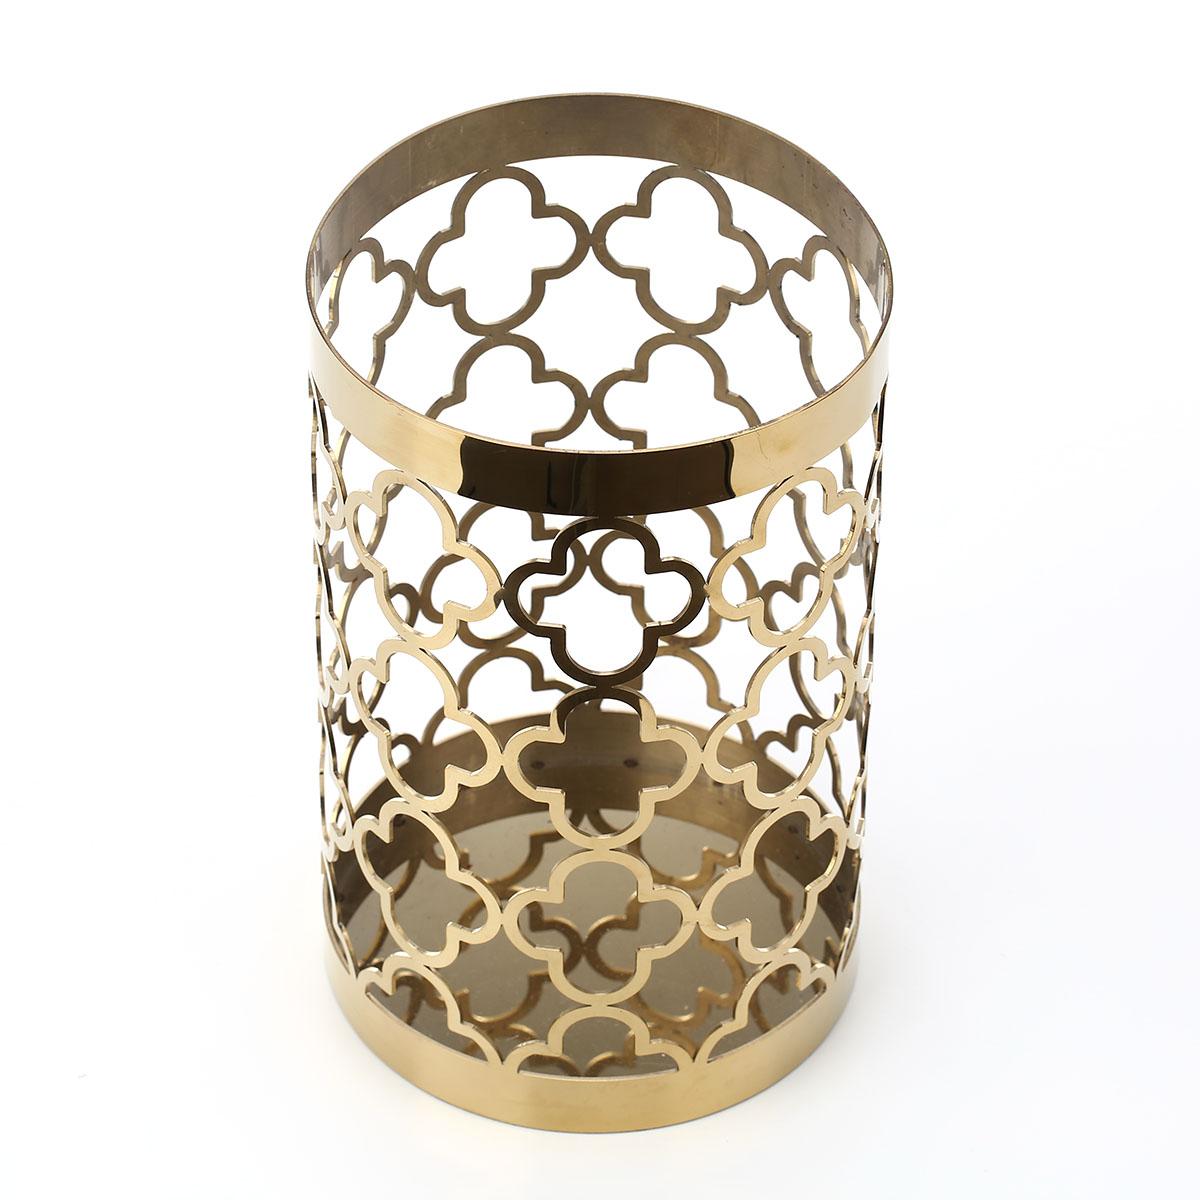 Best And Cheap Golden Hollow Flower Pot Metal Ornament Vase Hollow